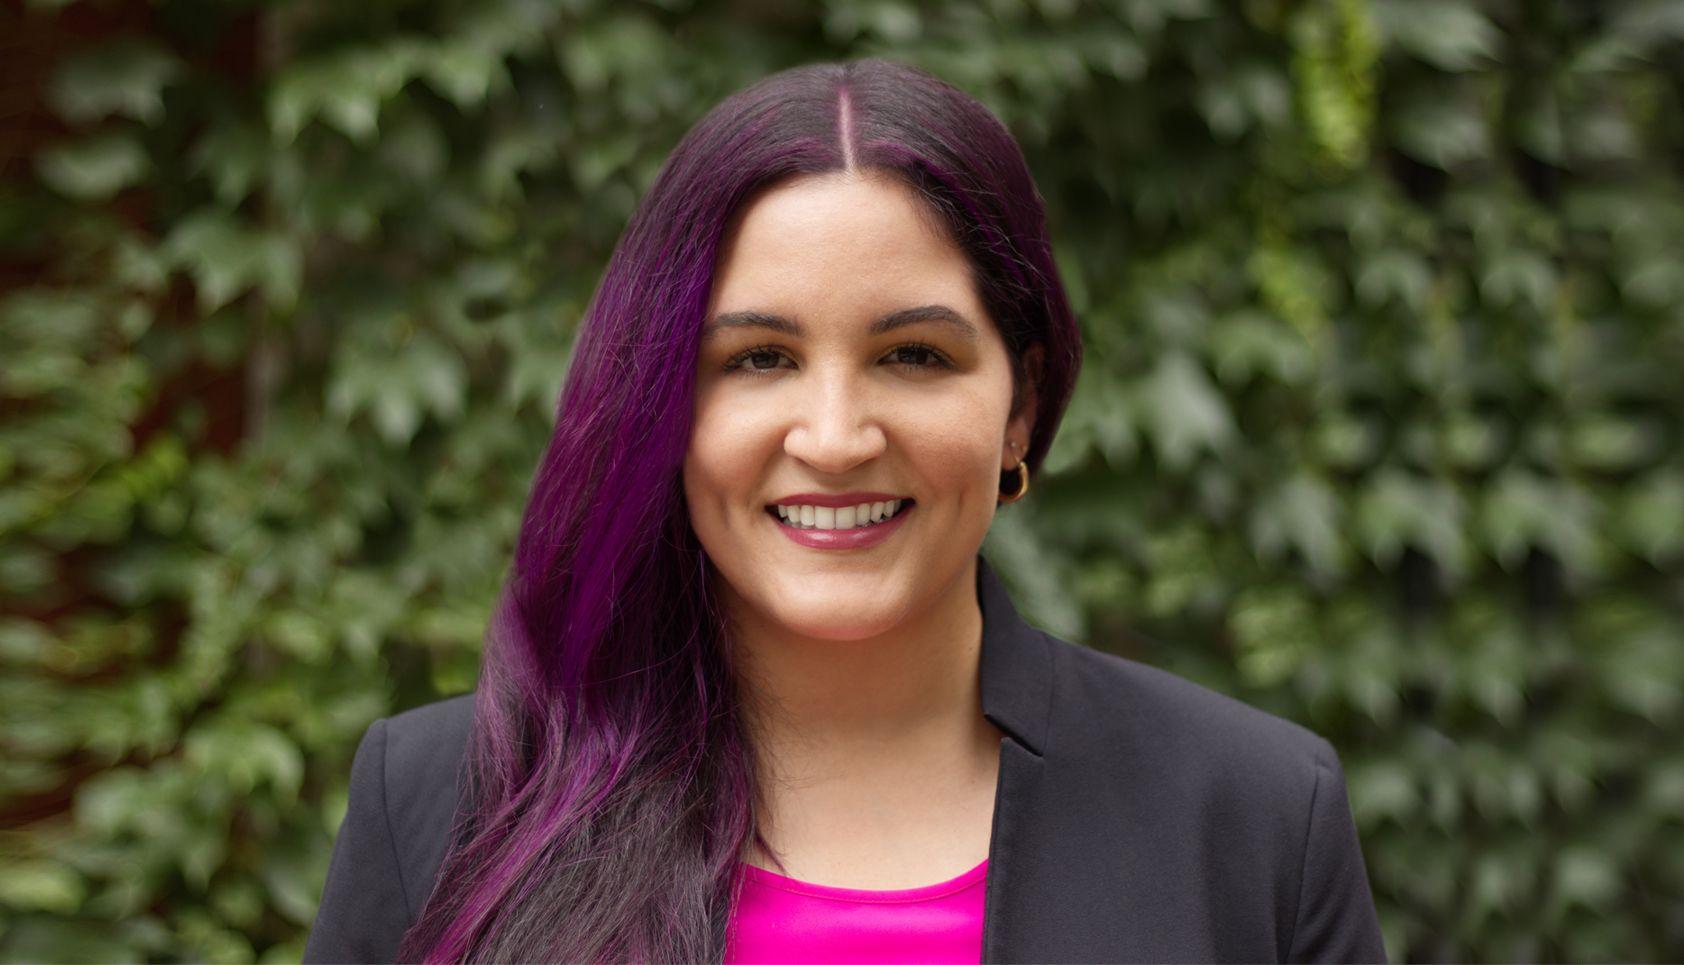 Elisa Flores is a Licensed Associate Real Estate Broker at HomeDax Real Estate